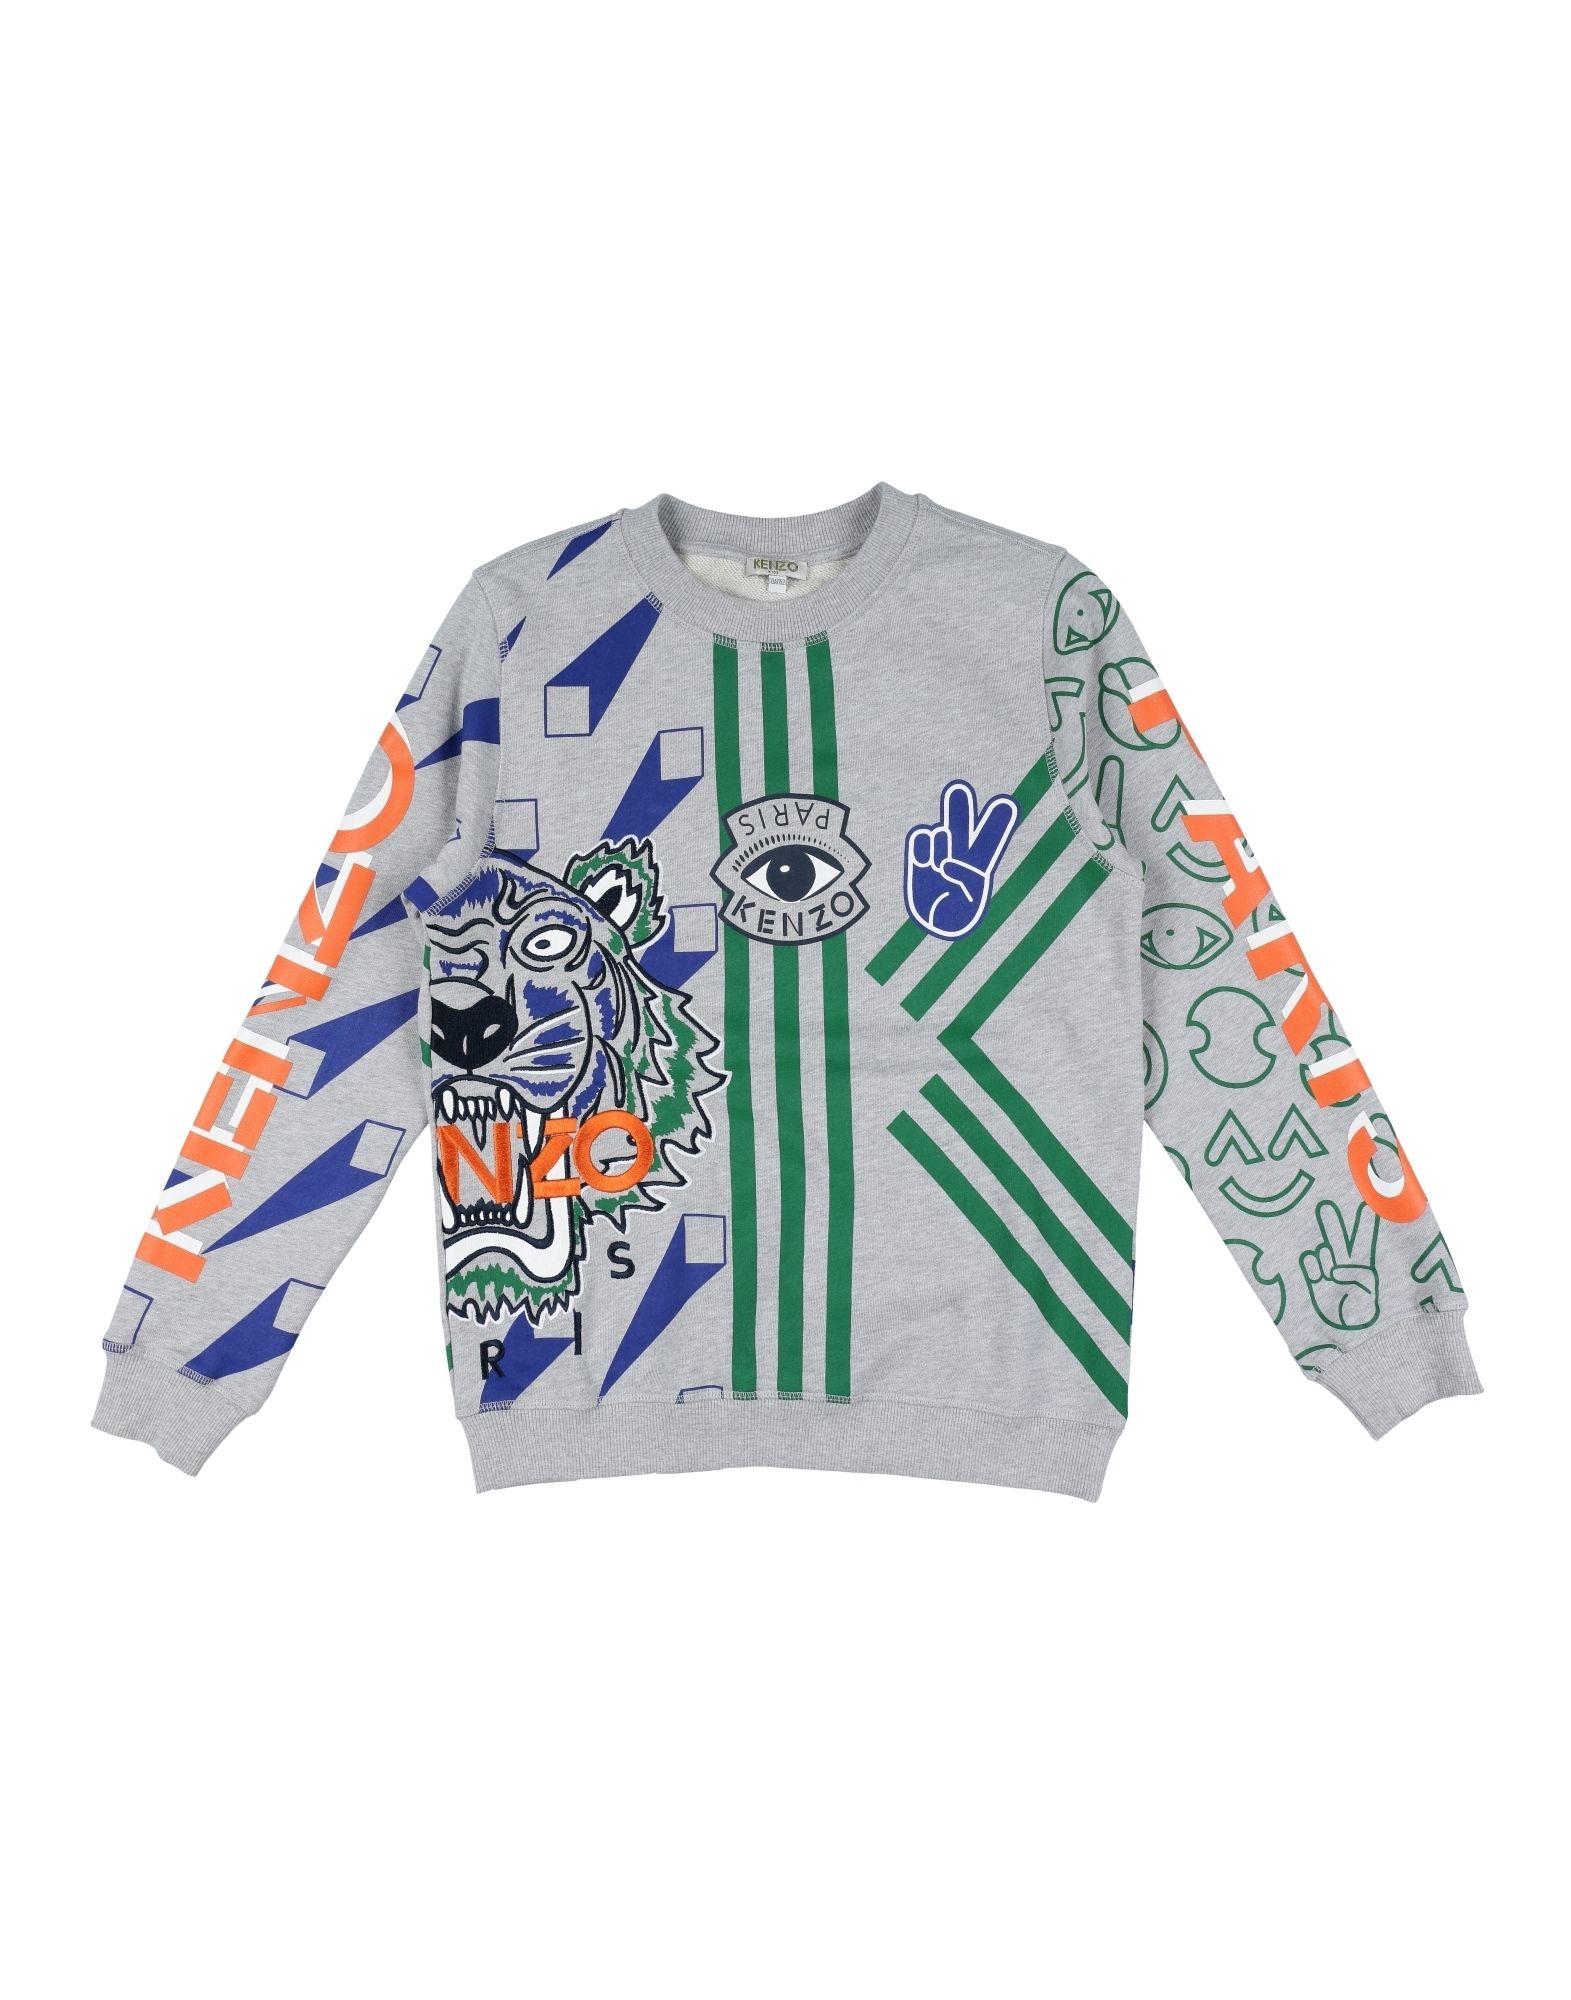 KENZO Jungen 9-16 jahre Sweatshirt Farbe Hellgrau Größe 6 - broschei